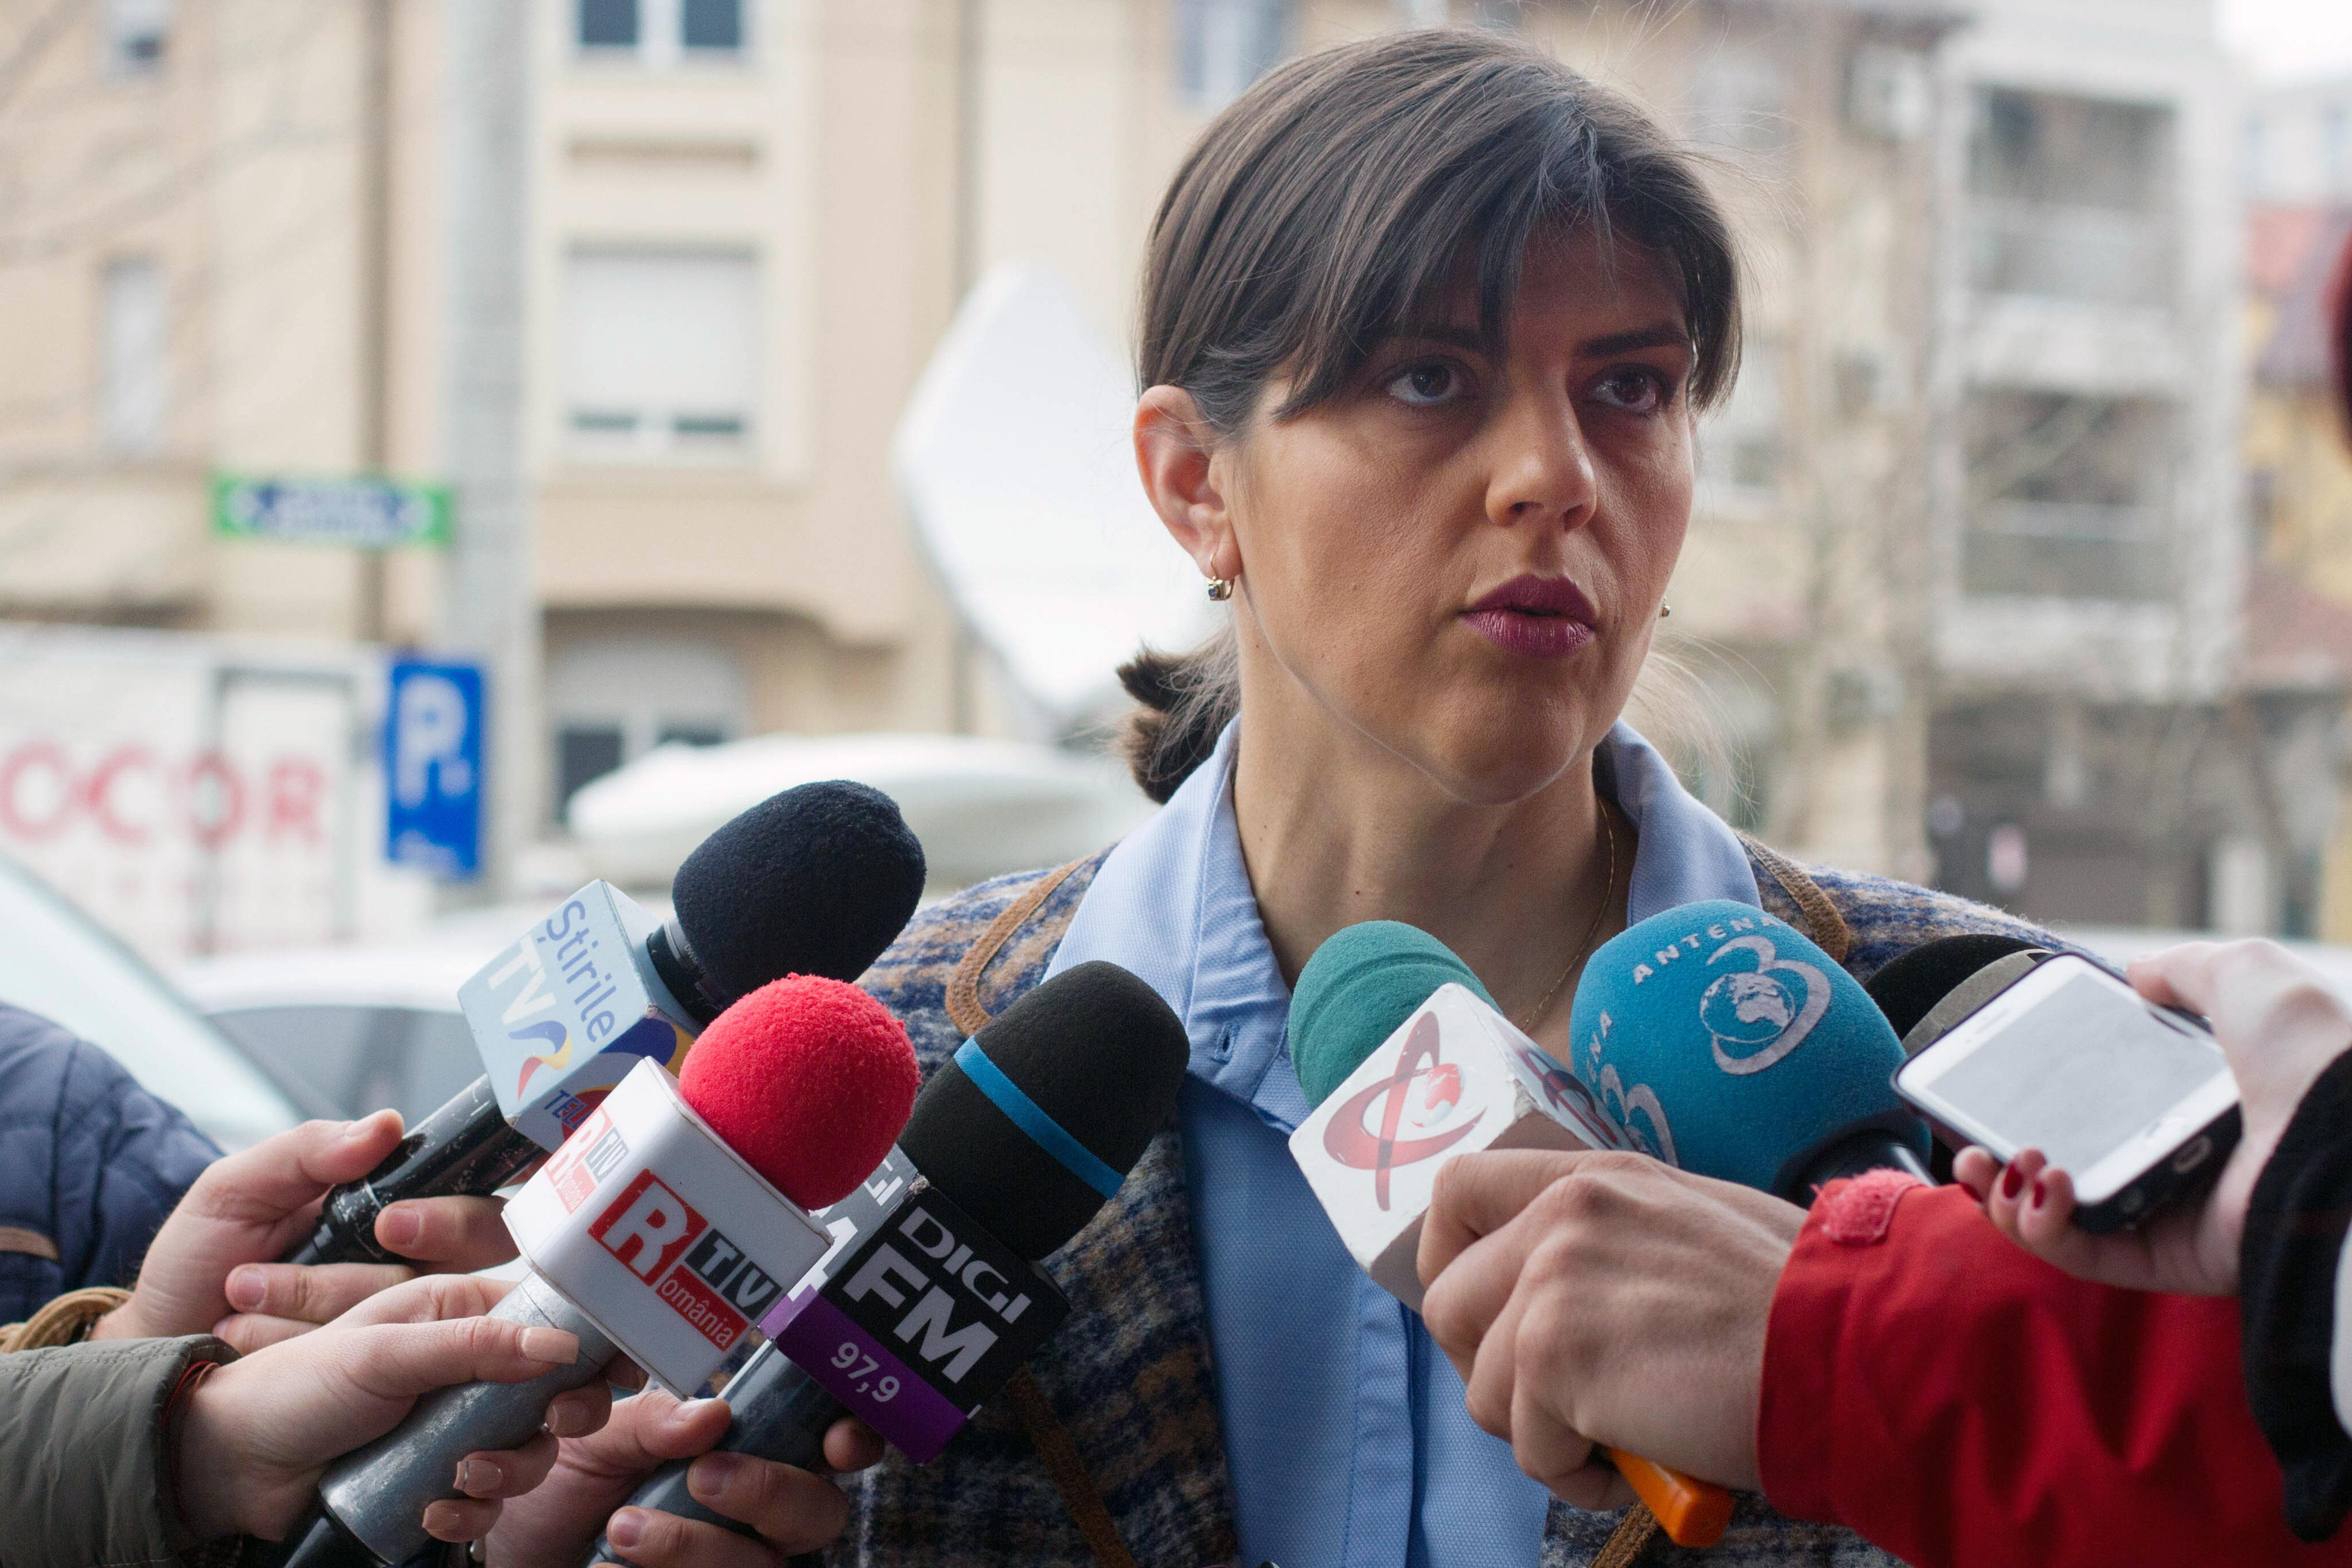 Kovesi, invitată din nou la audieri în Comisia de anchetă a alegerilor din 2009: Dacă va declina invitaţia, se va face plângere la MJ sau penală/ Pleşoianu: Ultima ei şansă să salveze onoarea instituţiei